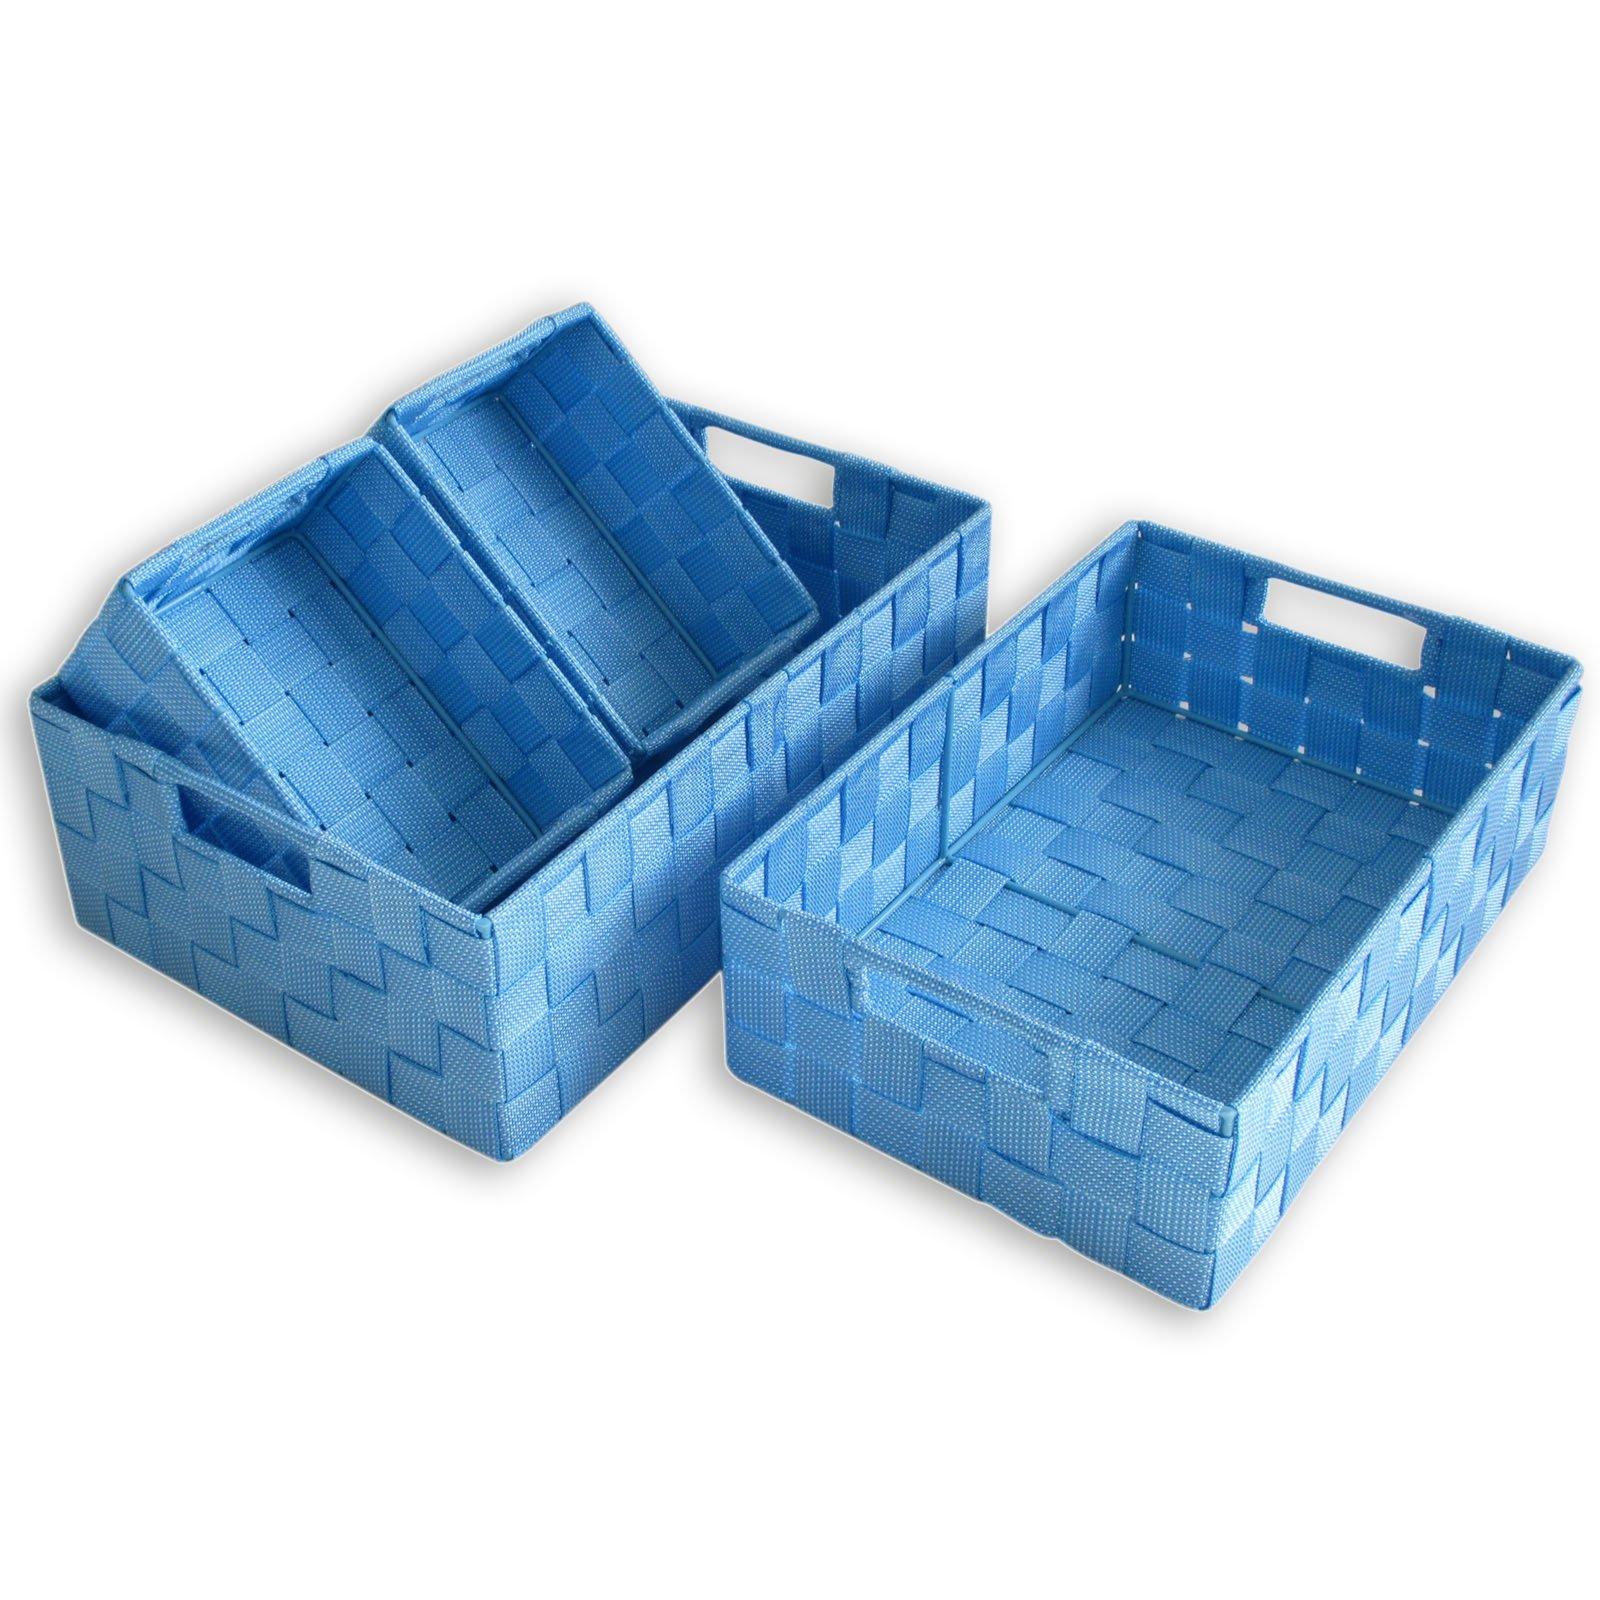 4er set aufbewahrungsk rbe blau dekorative boxen k rbe boxen k rbe deko haushalt. Black Bedroom Furniture Sets. Home Design Ideas